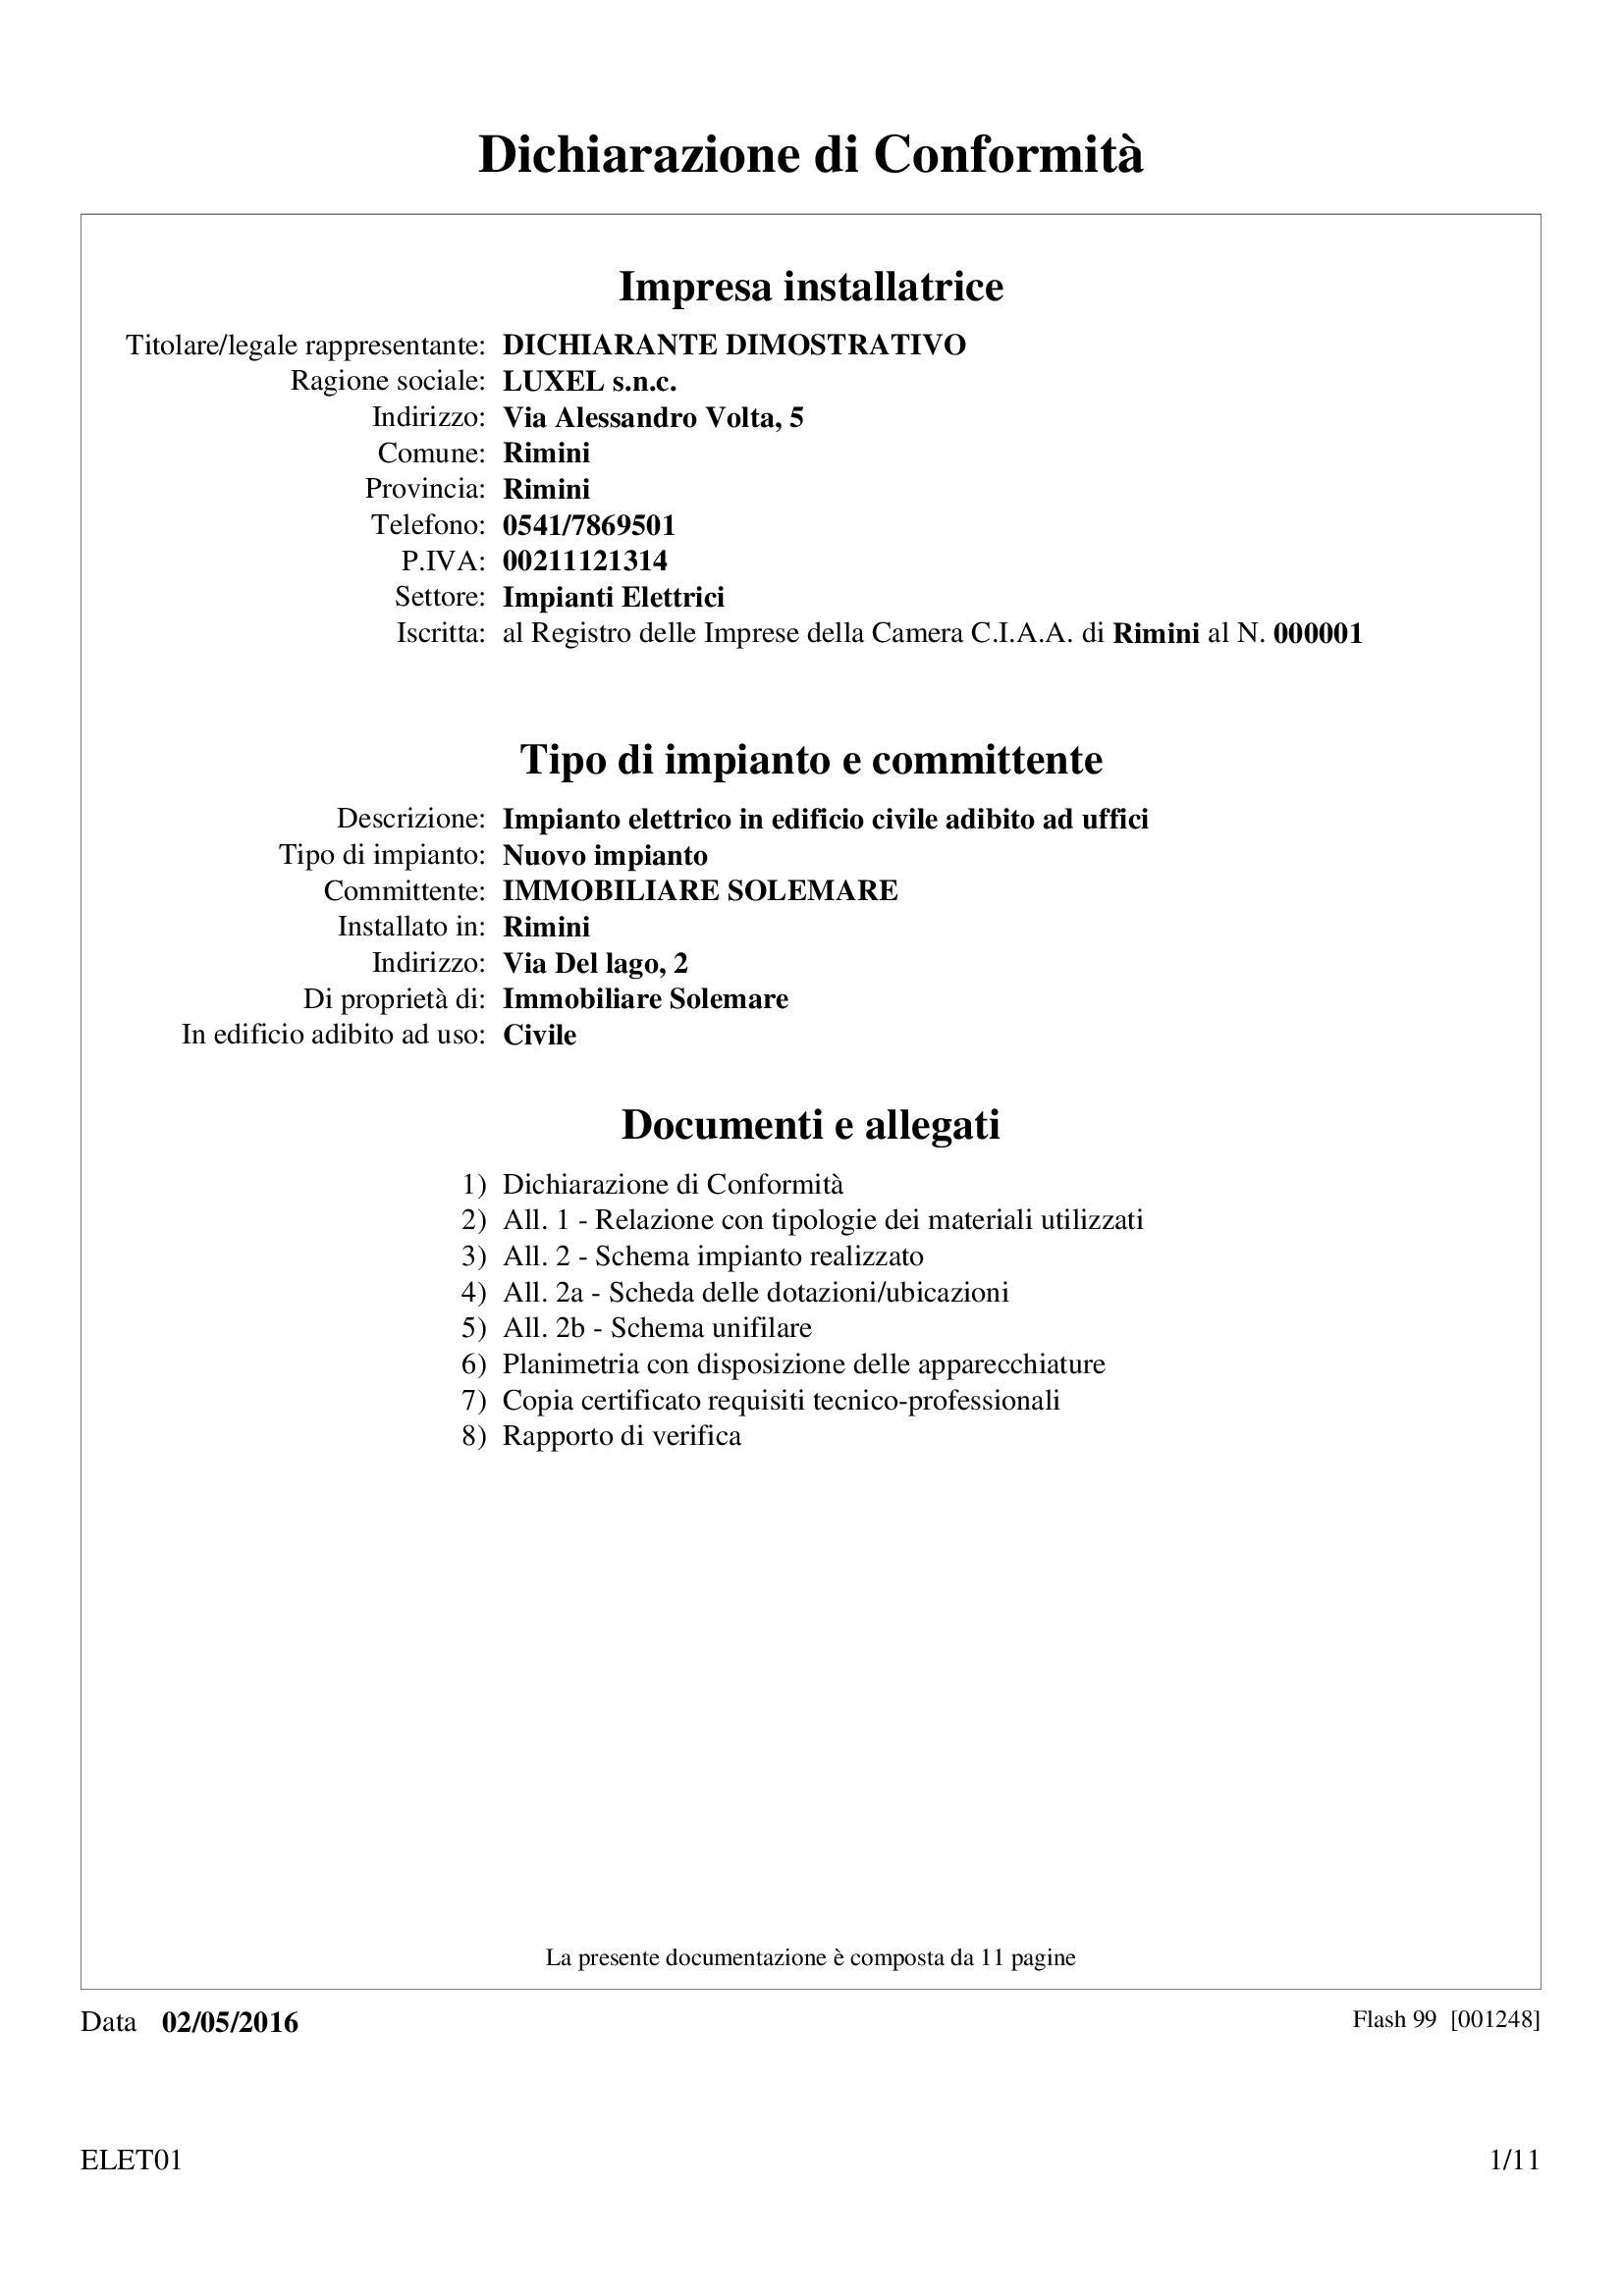 Dichiarazione di conformit modulistica in base al dm 37 08 for Certificazione impianti